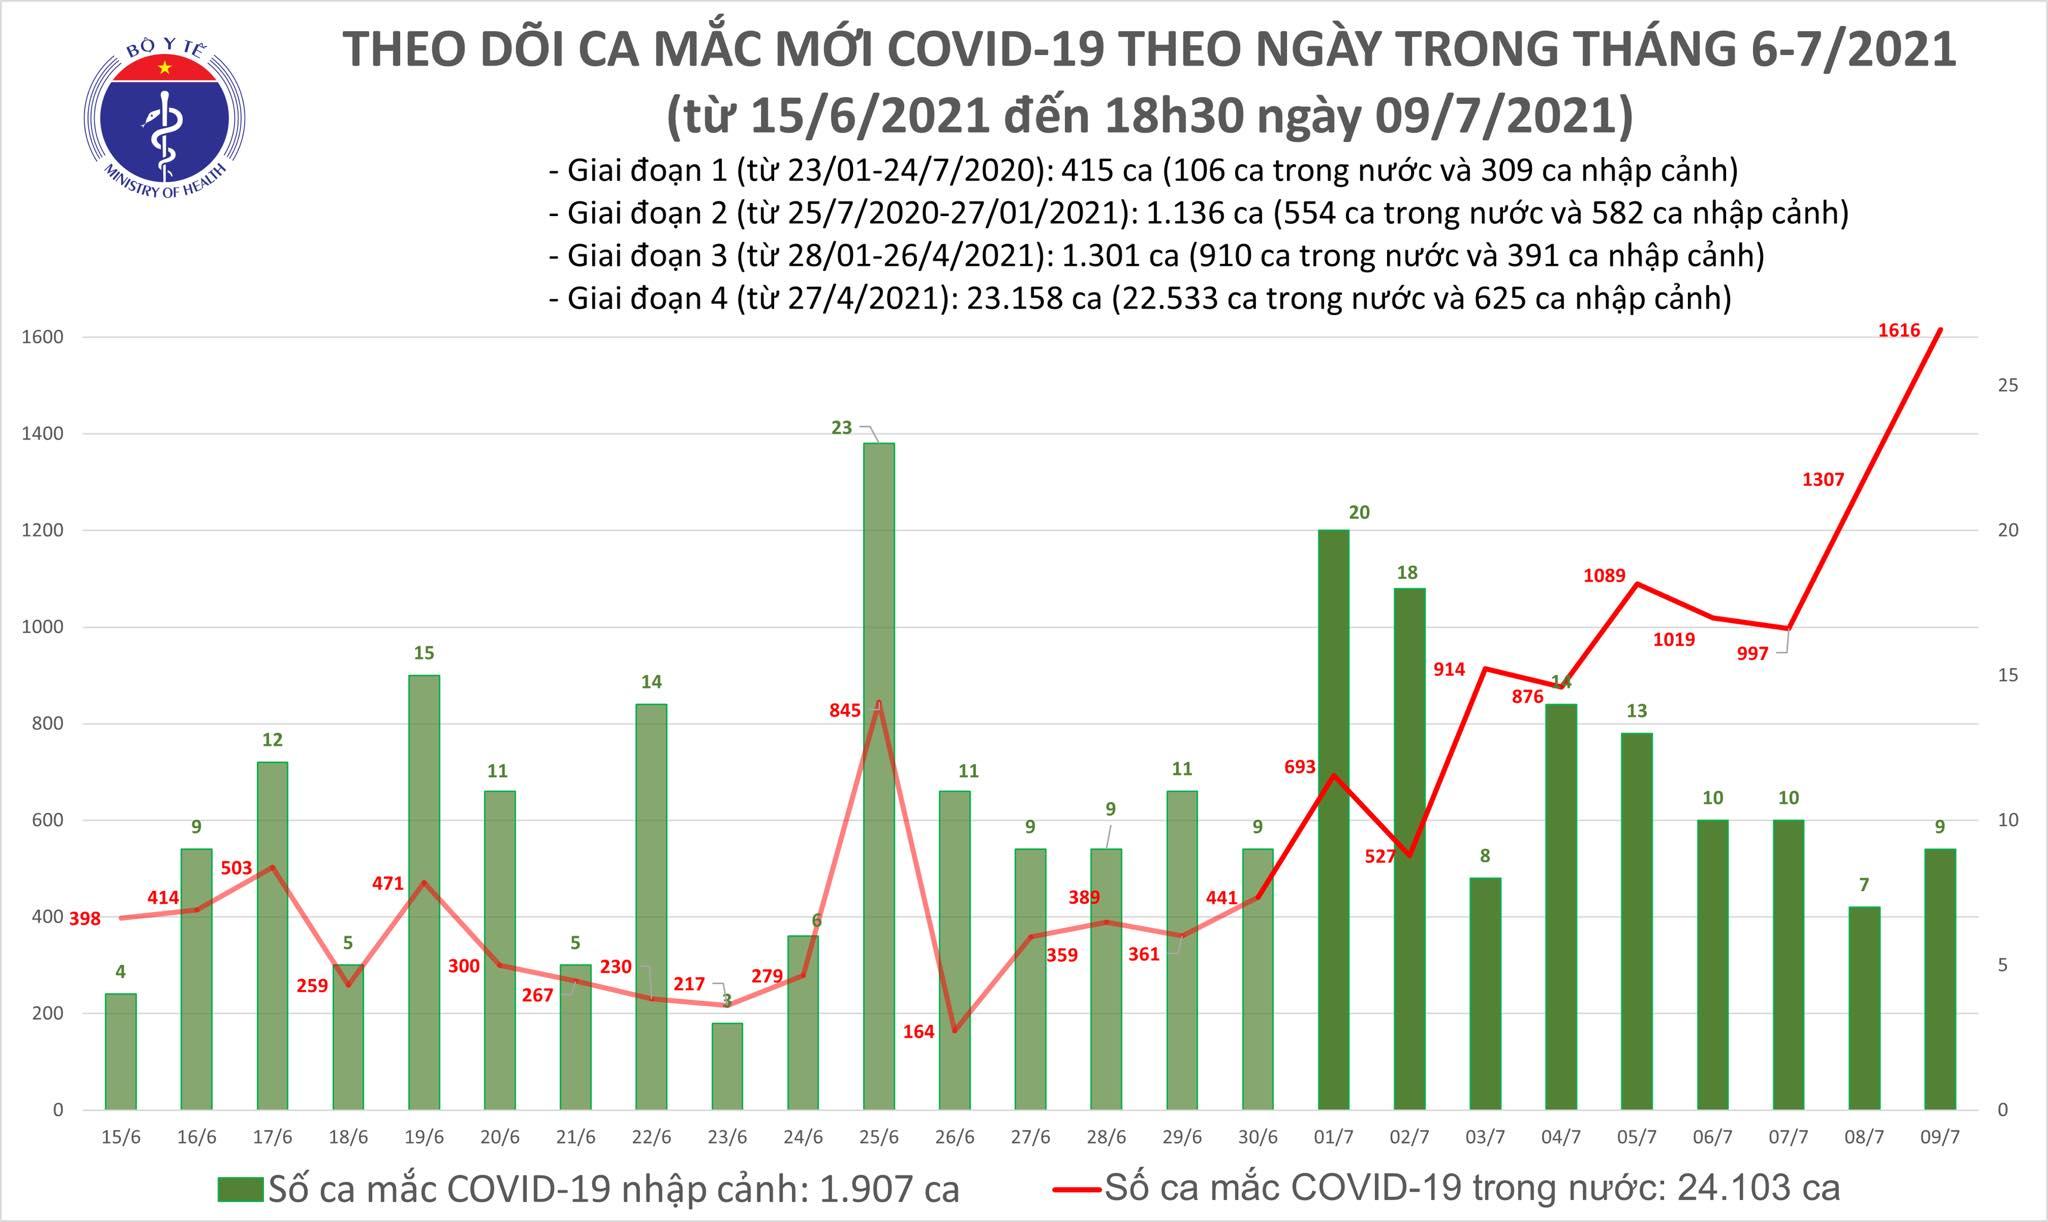 Tối 9/7: Thêm 591 ca mắc COVID-19, nâng tổng số mắc trong ngày vượt 1.600-1